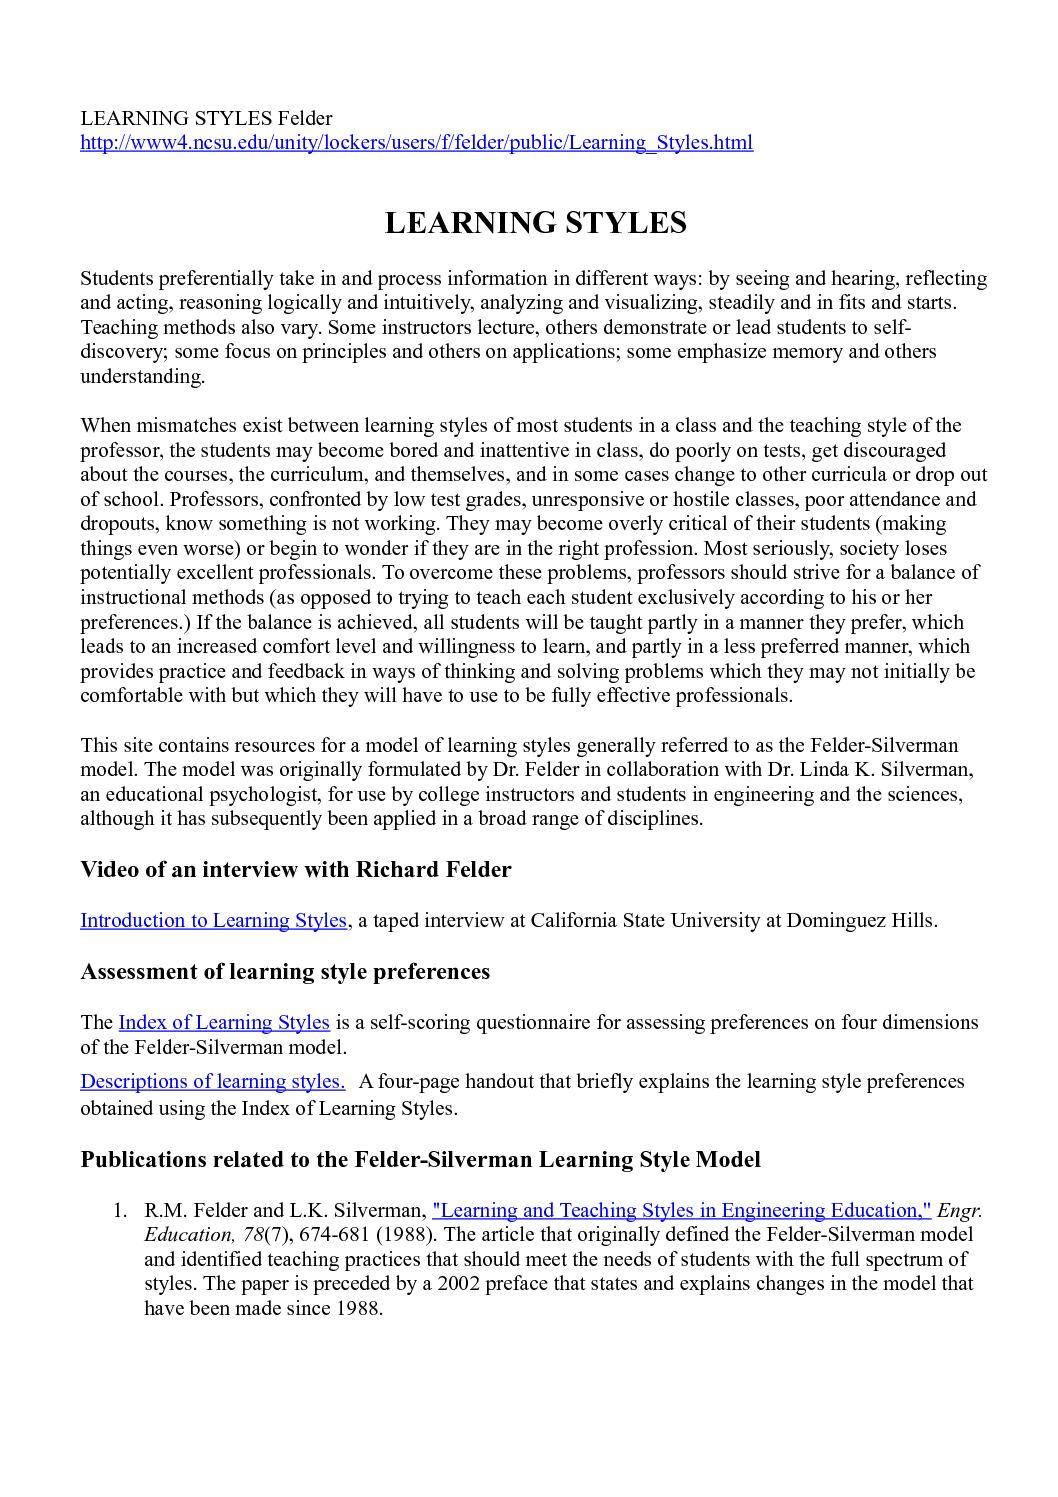 Calaméo - Artigo - - Learning Styles - FELDER